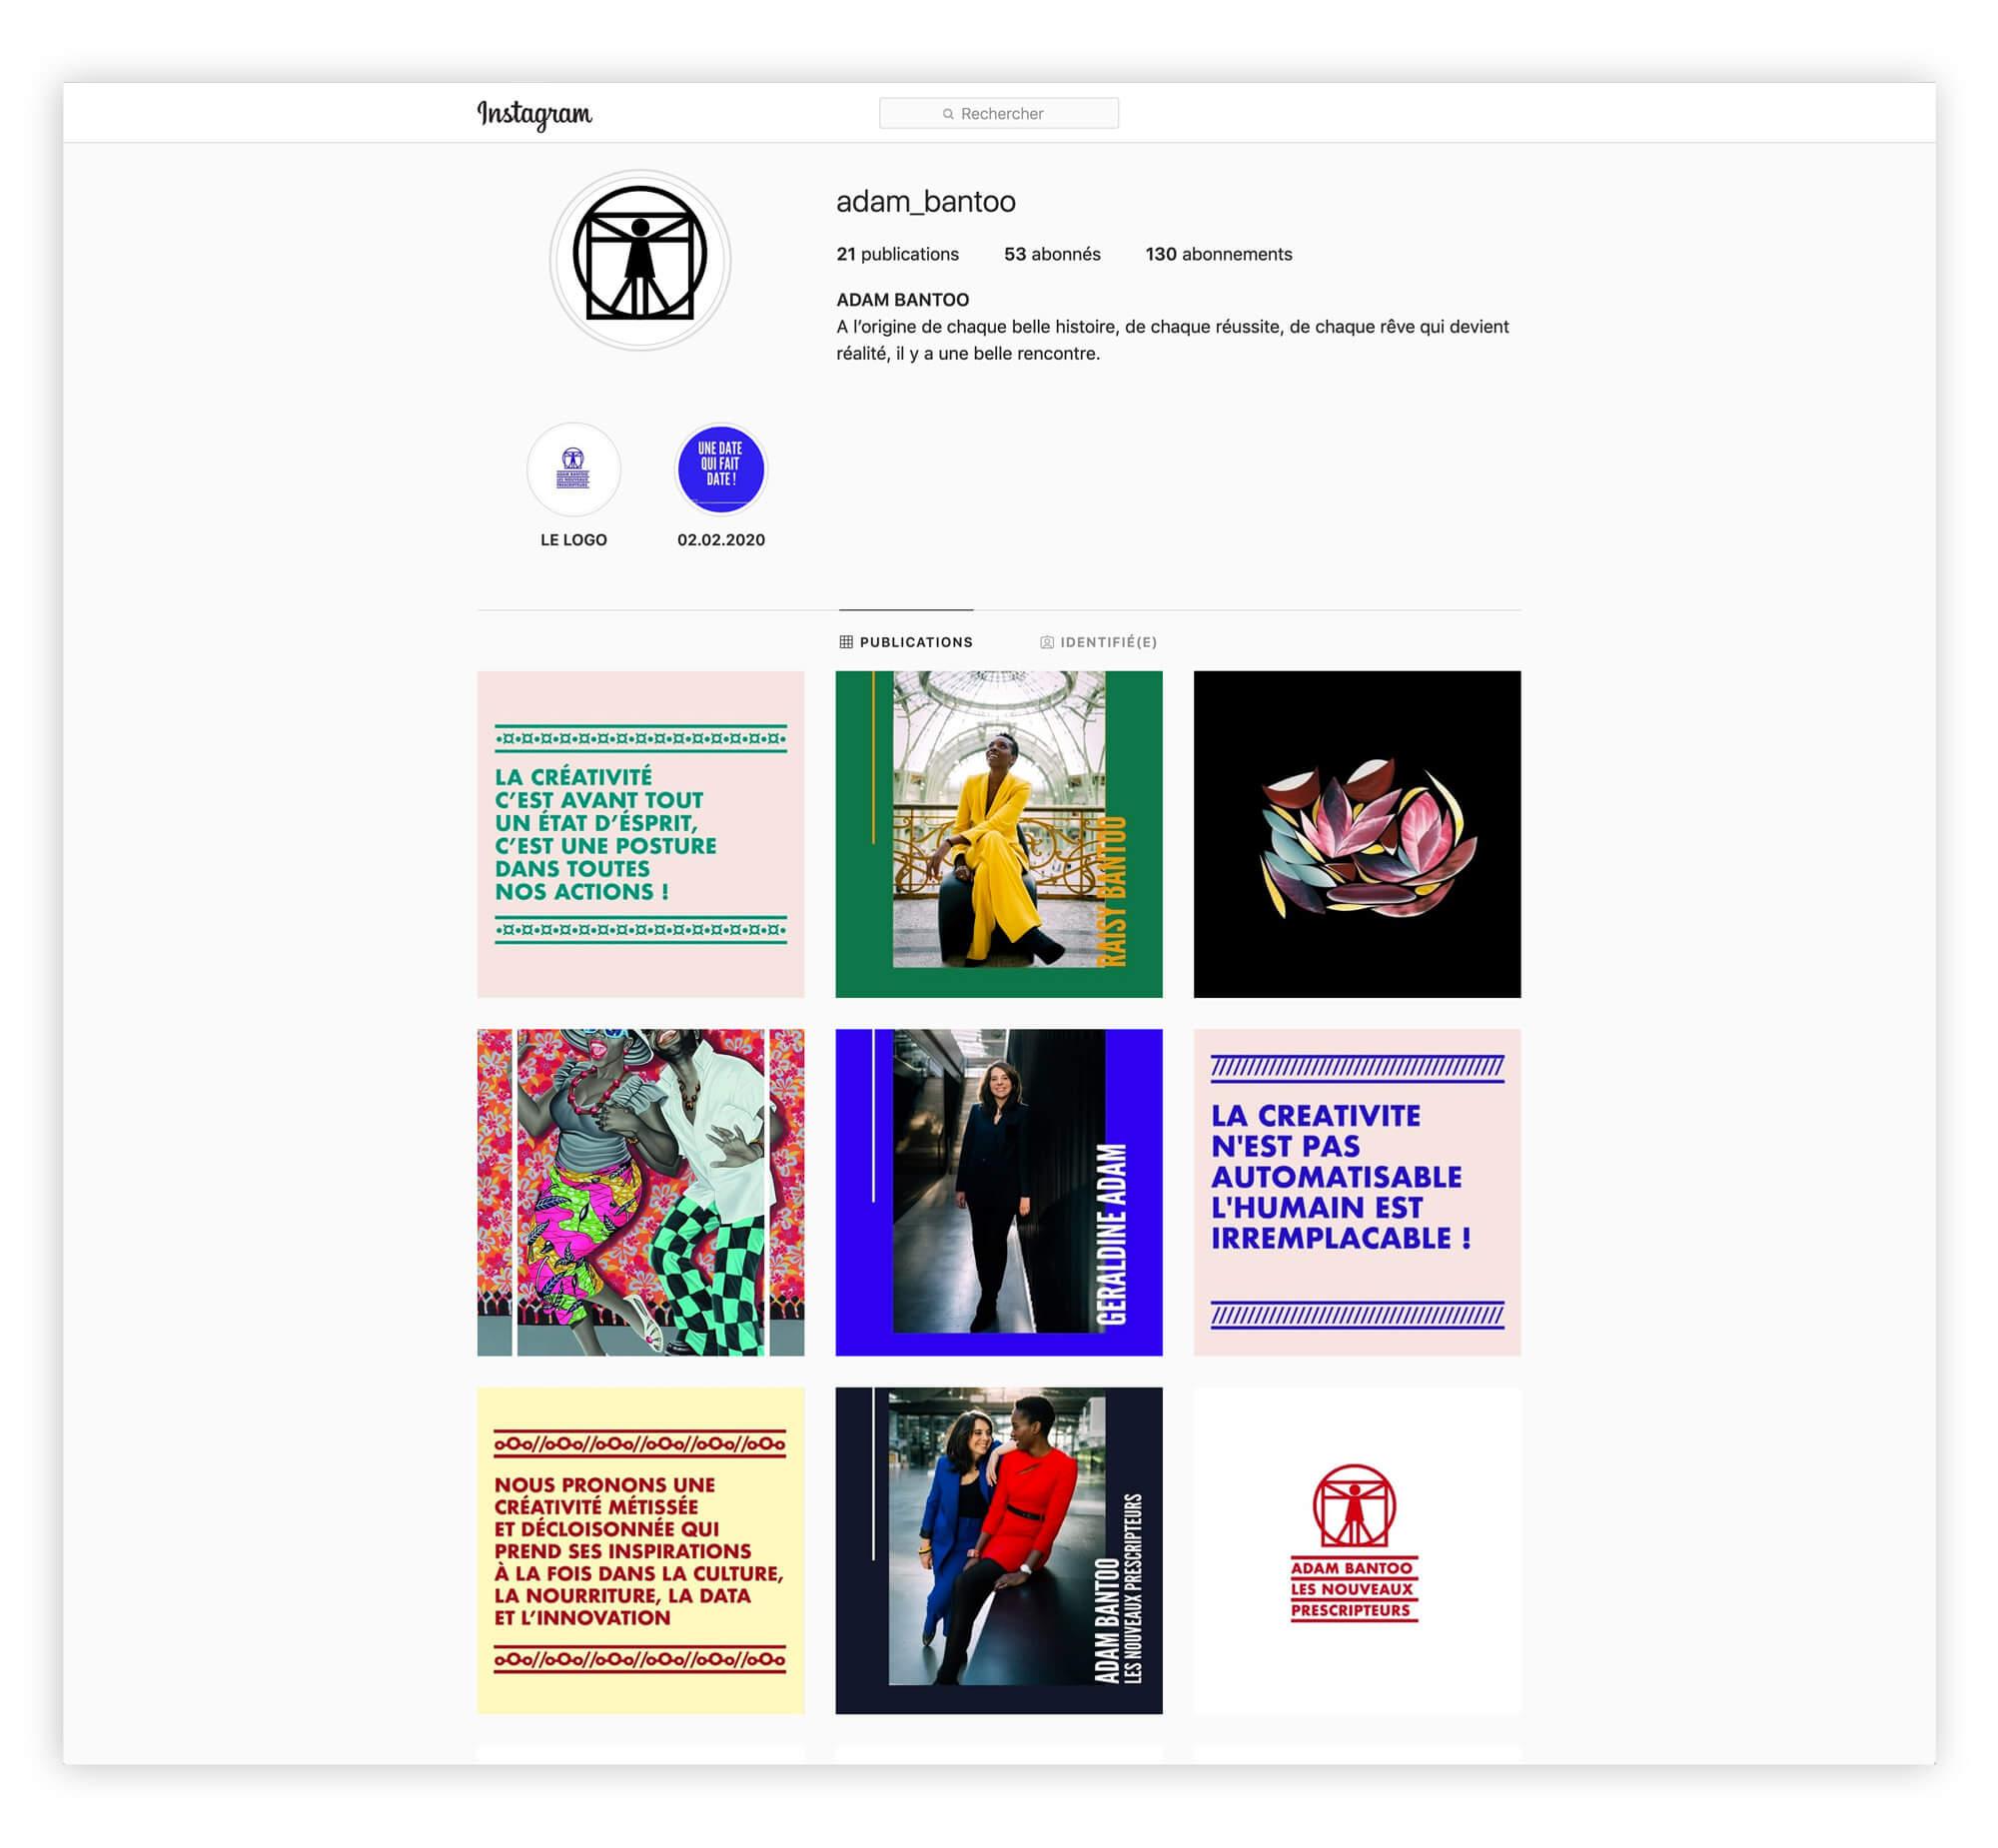 une identité afro-ascii La page instagram avec des phrases graphiques et percutantes de l'agence de conseil en stratégies Adam Bantoo, identité visuelle par Helena Ichbiah